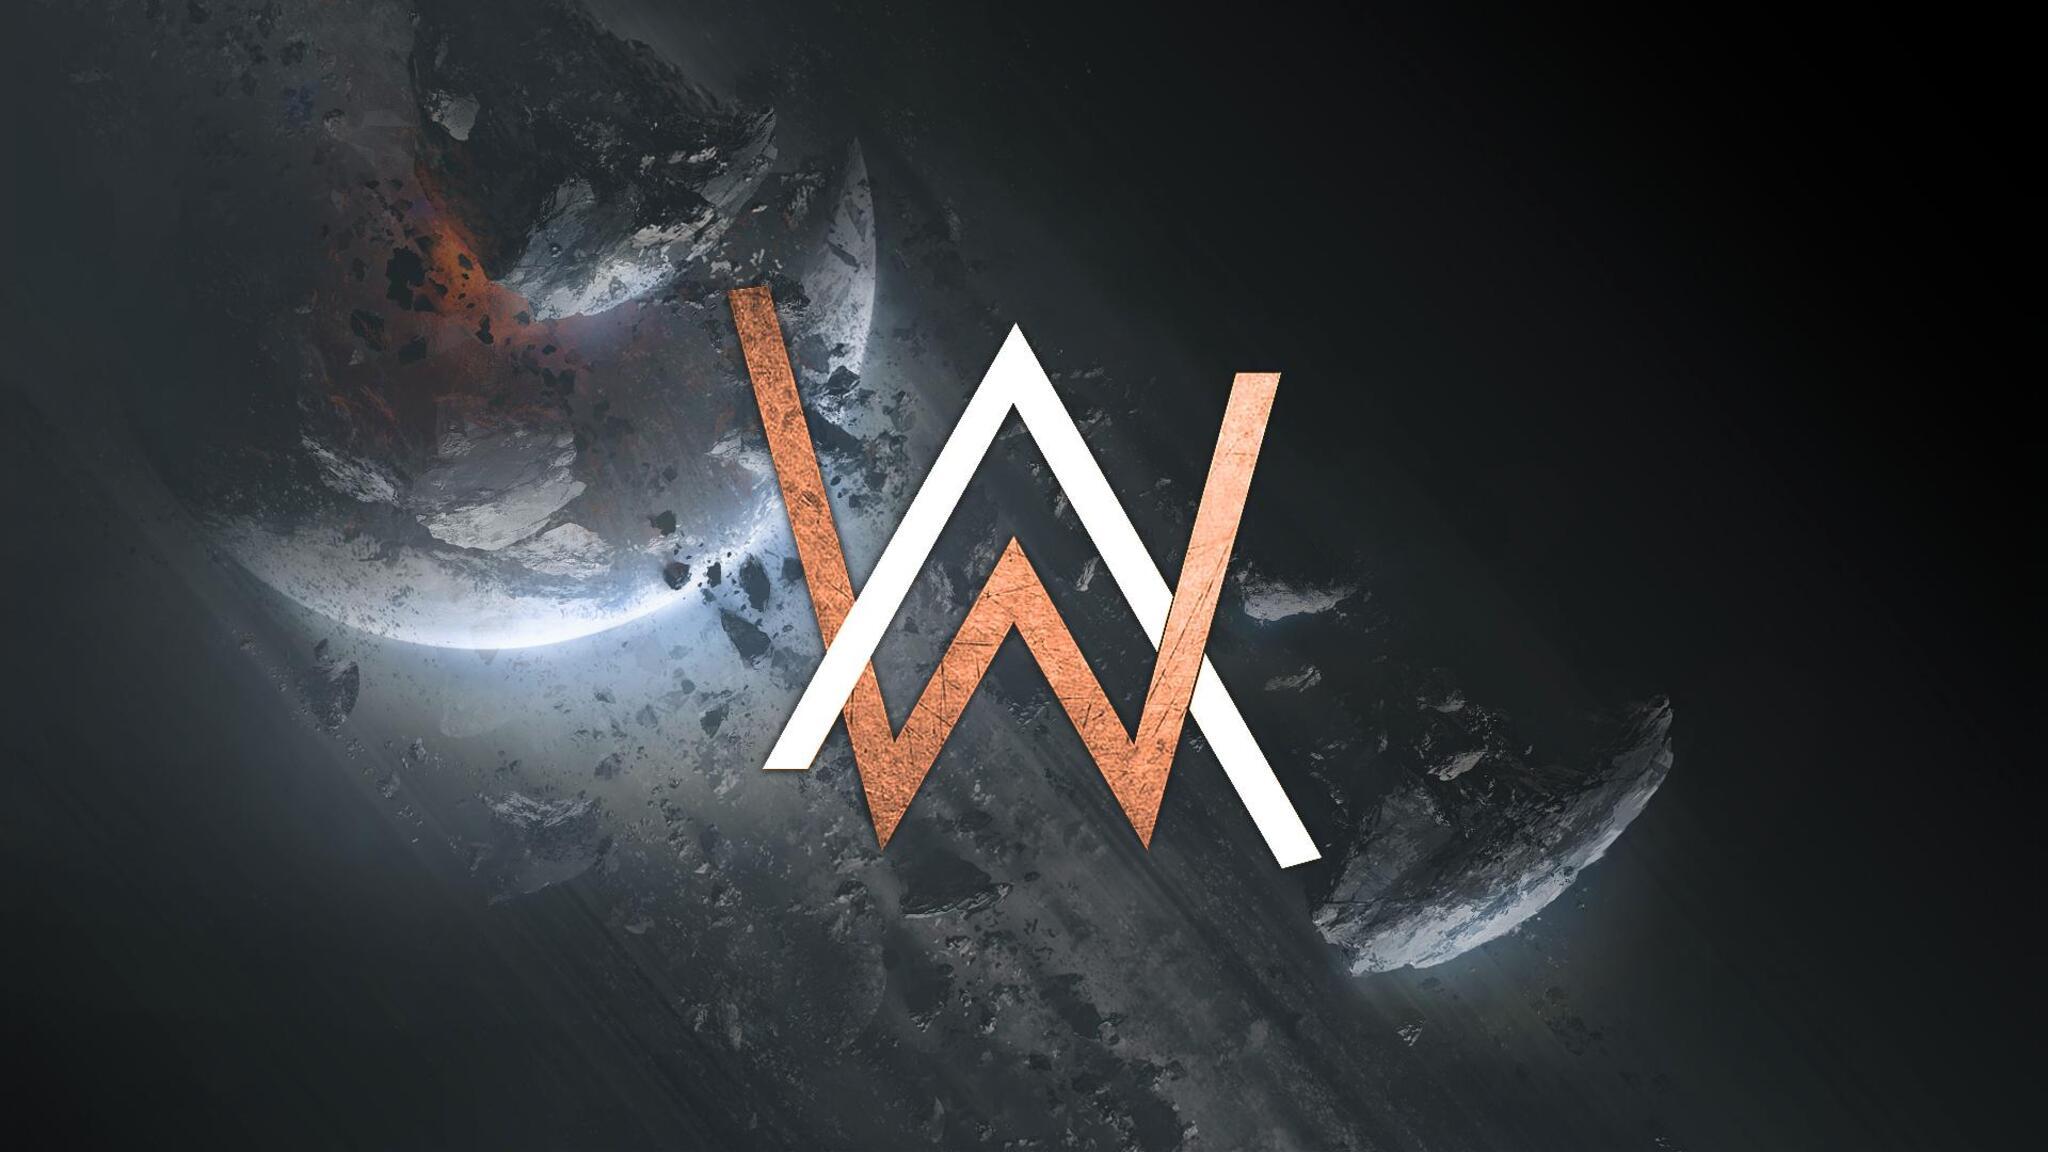 alan-walker-creative-logo-3x.jpg